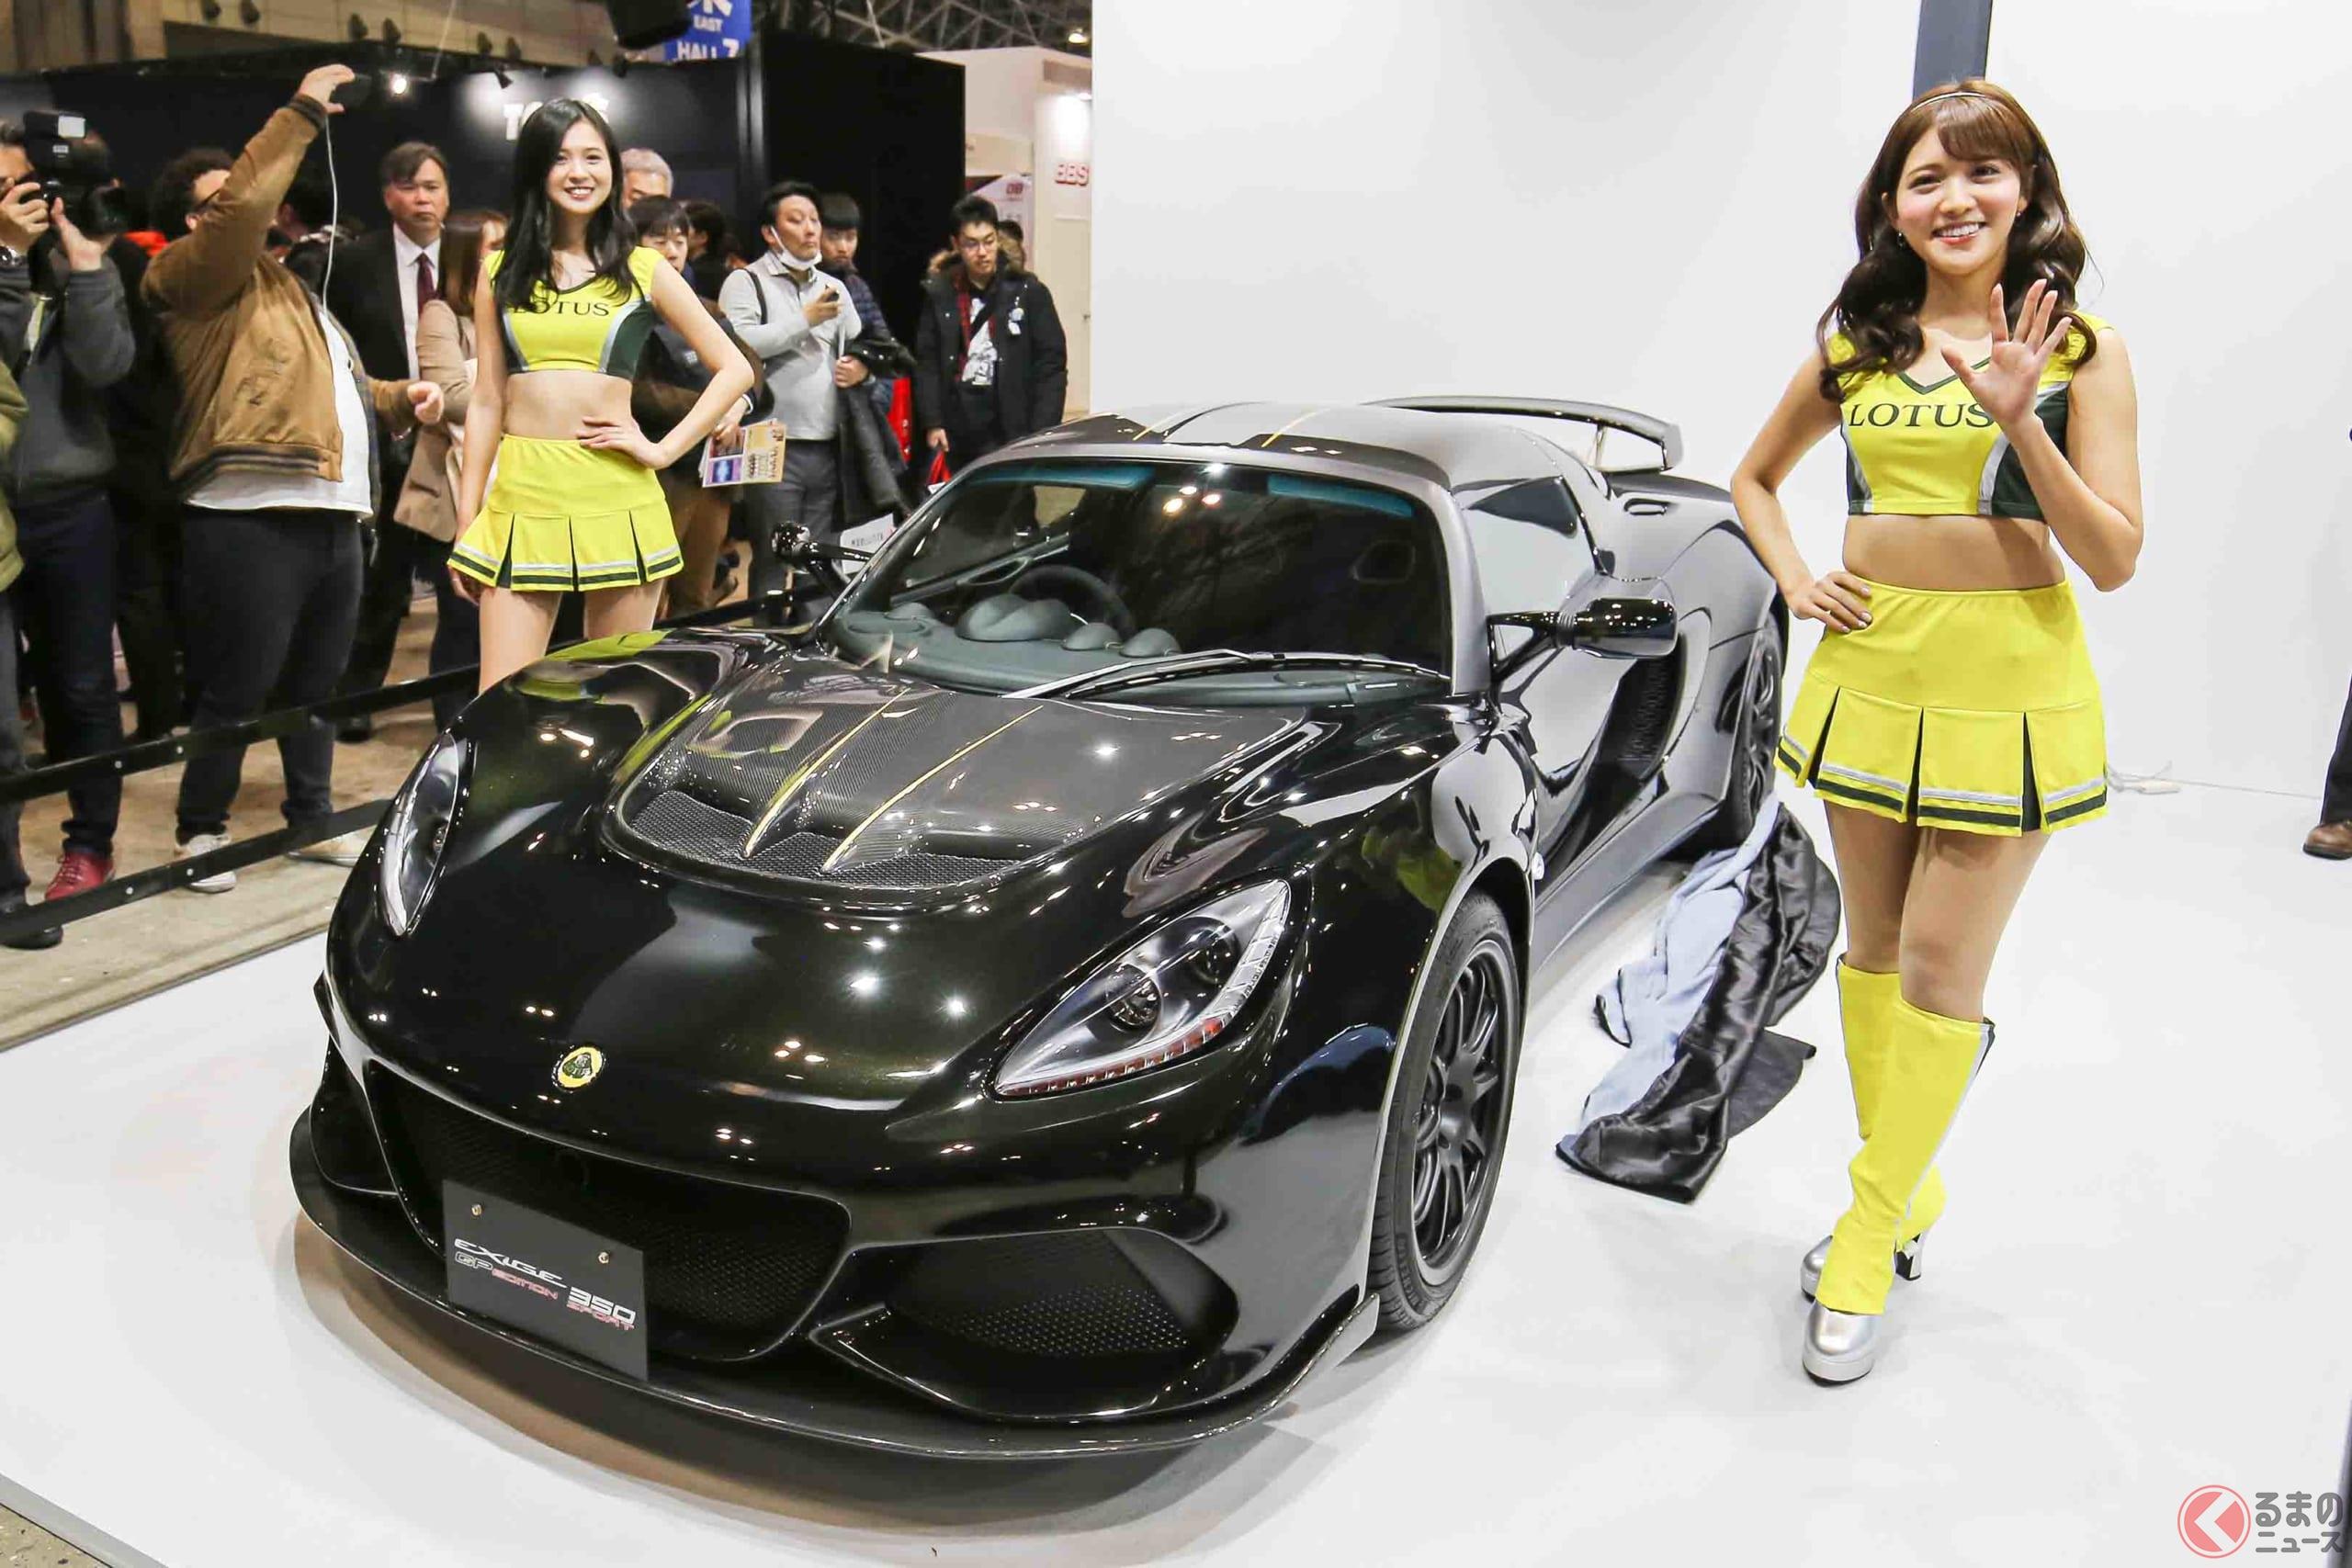 東京オートサロン2020でアンベールされたロータス・エキシージ スポーツ 350 GP EDITION